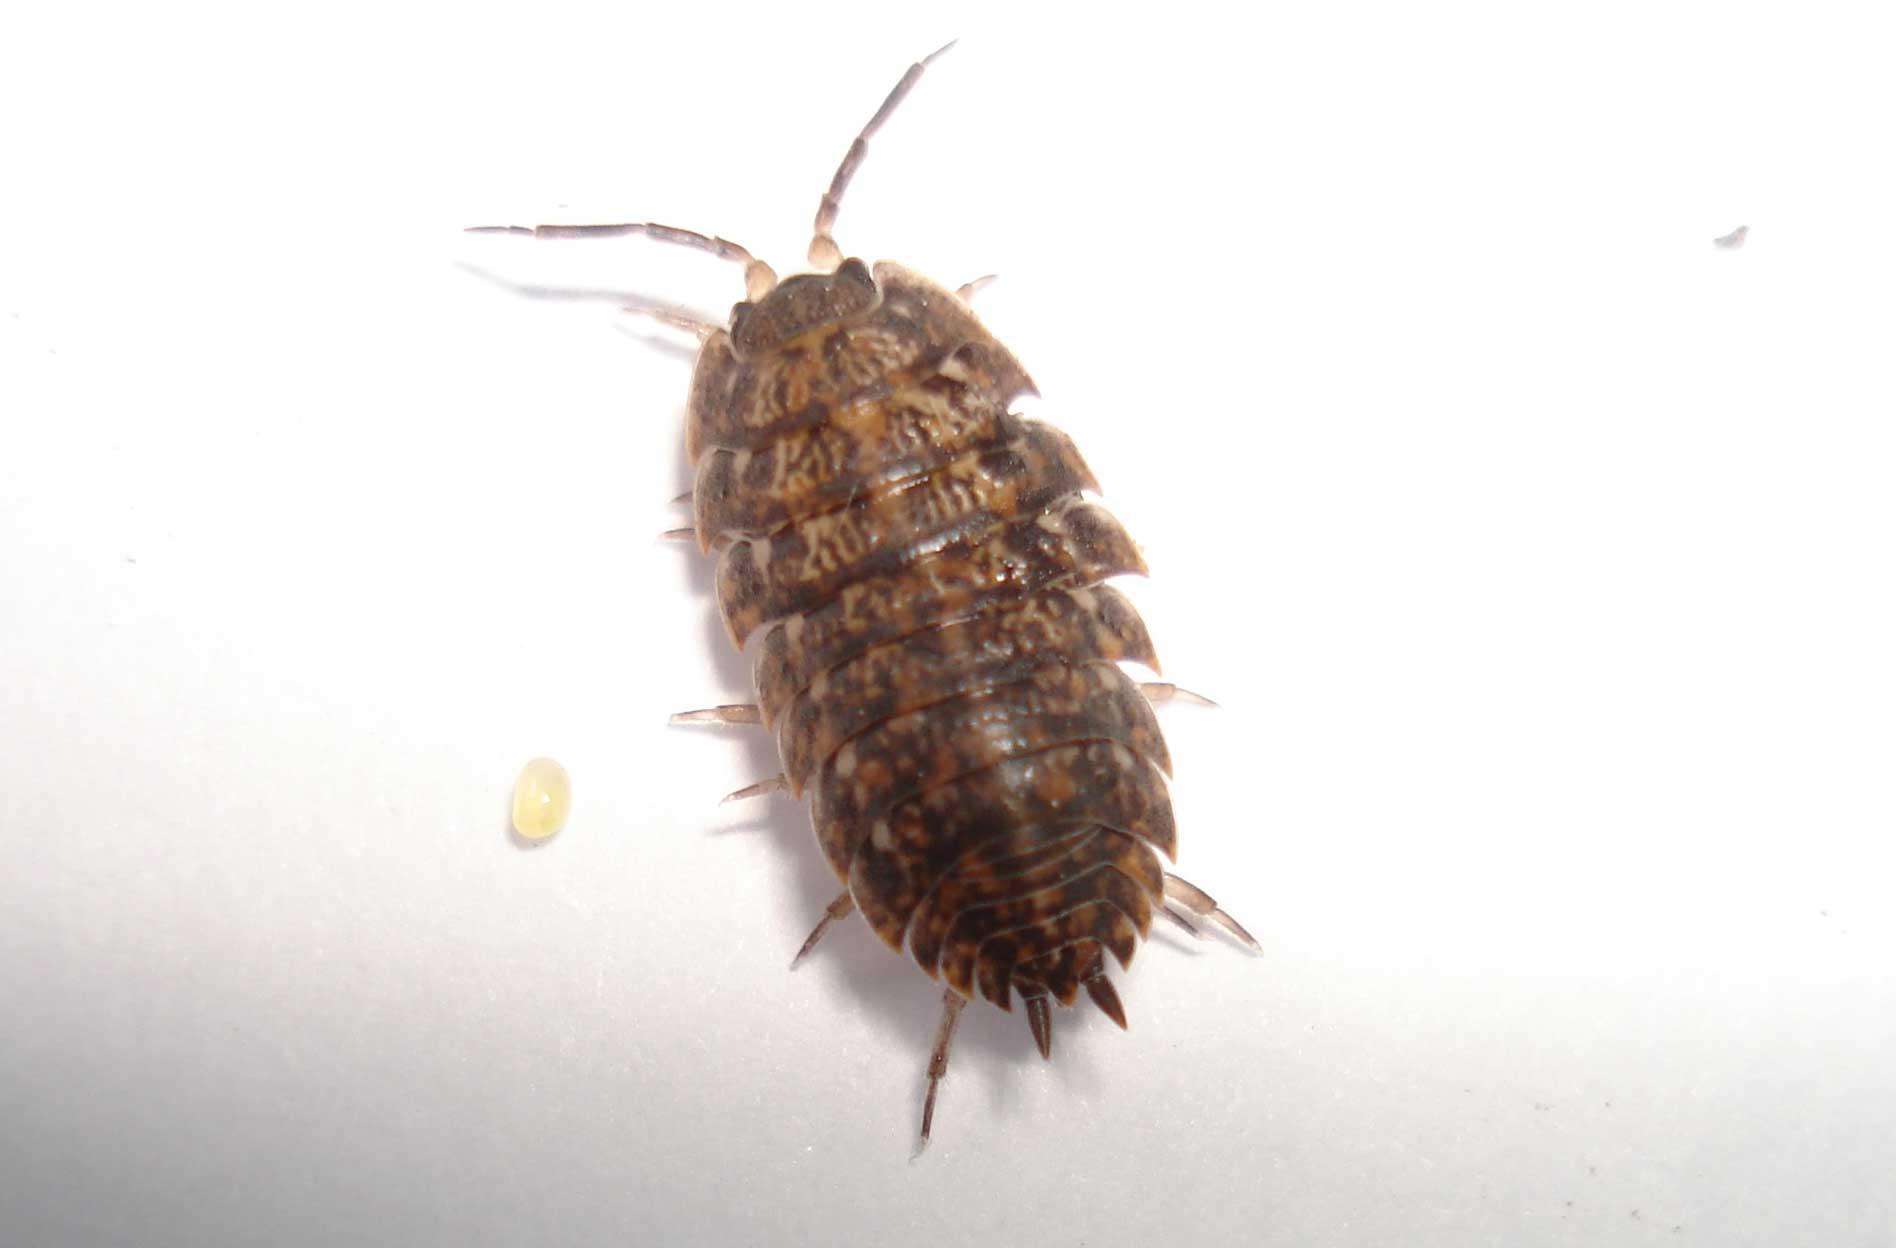 Как избавиться от мокриц в квартире самостоятельно: какими средствами вывести это насекомое в домашних условиях, как борьба с ним выглядит на фото? русский фермер